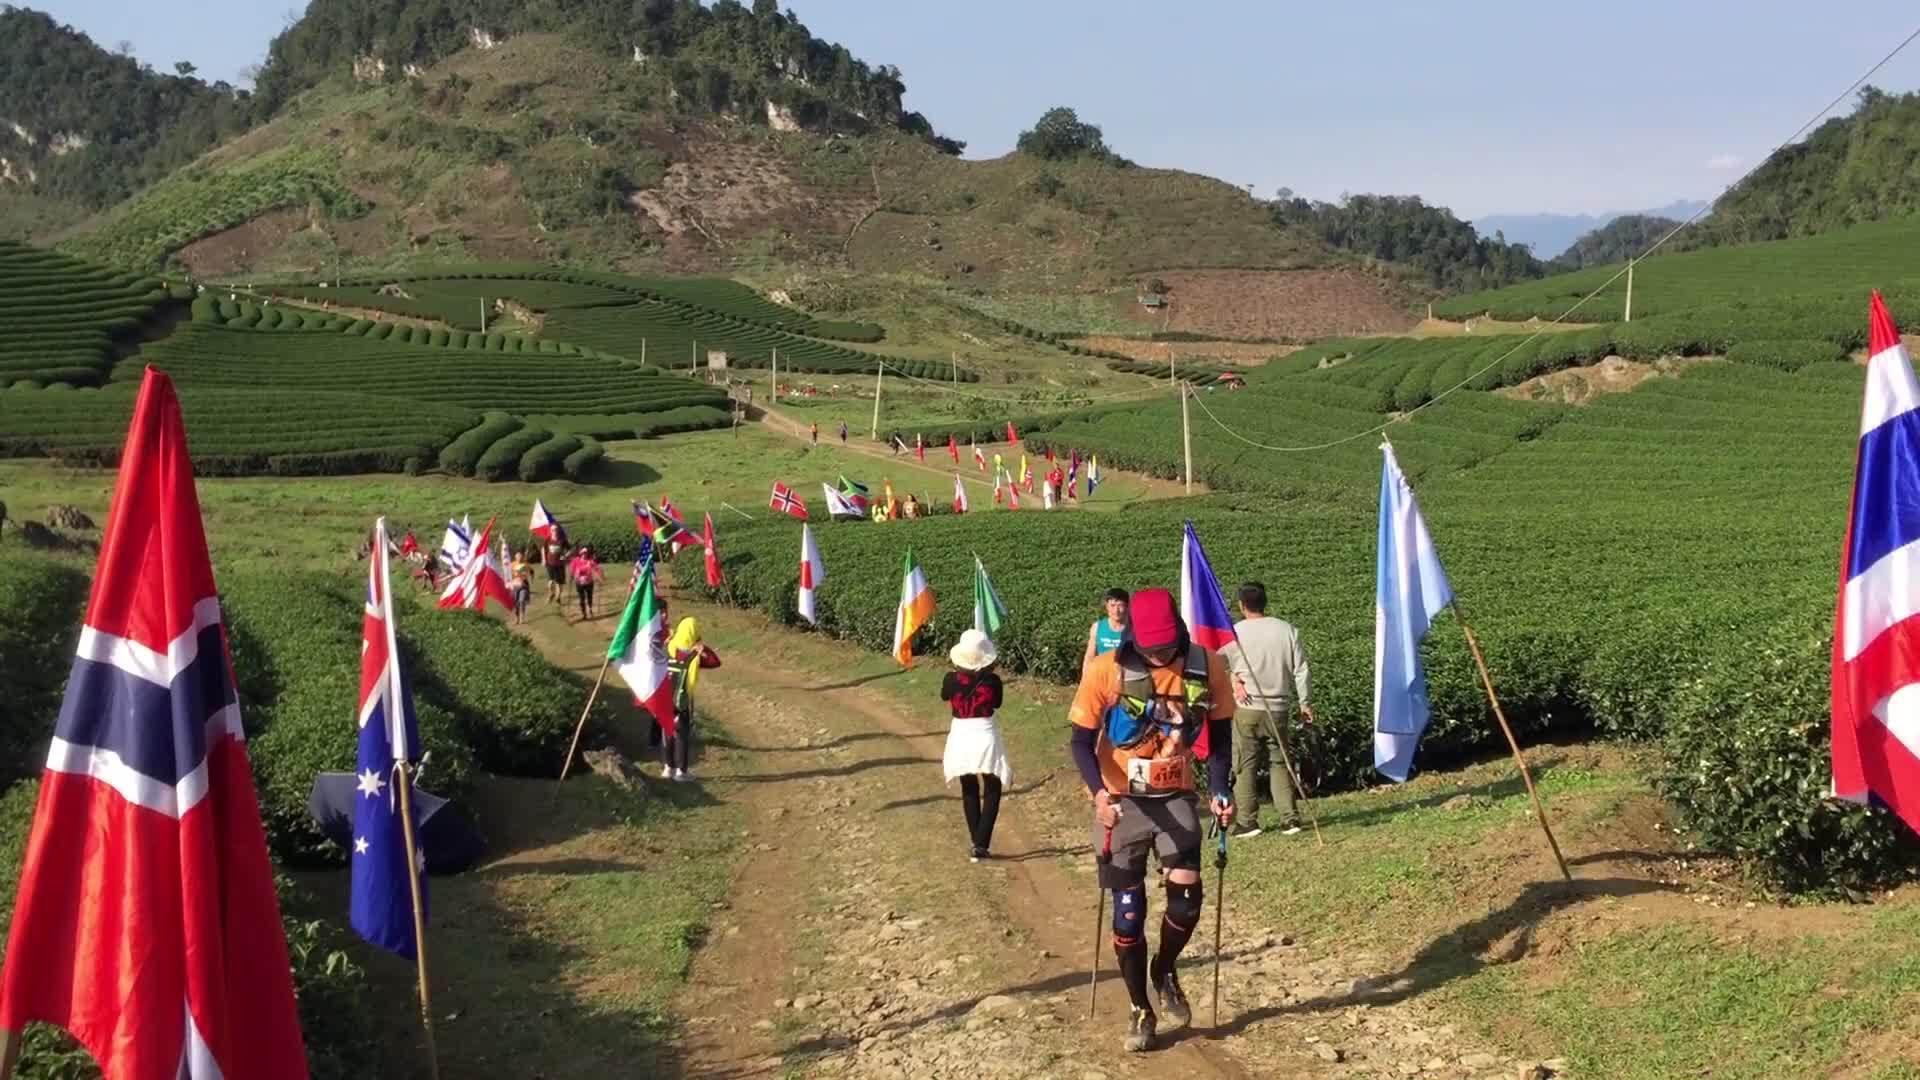 Khách Tây háo hức chạy marathon khám phá Mộc Châu dịp cuối năm